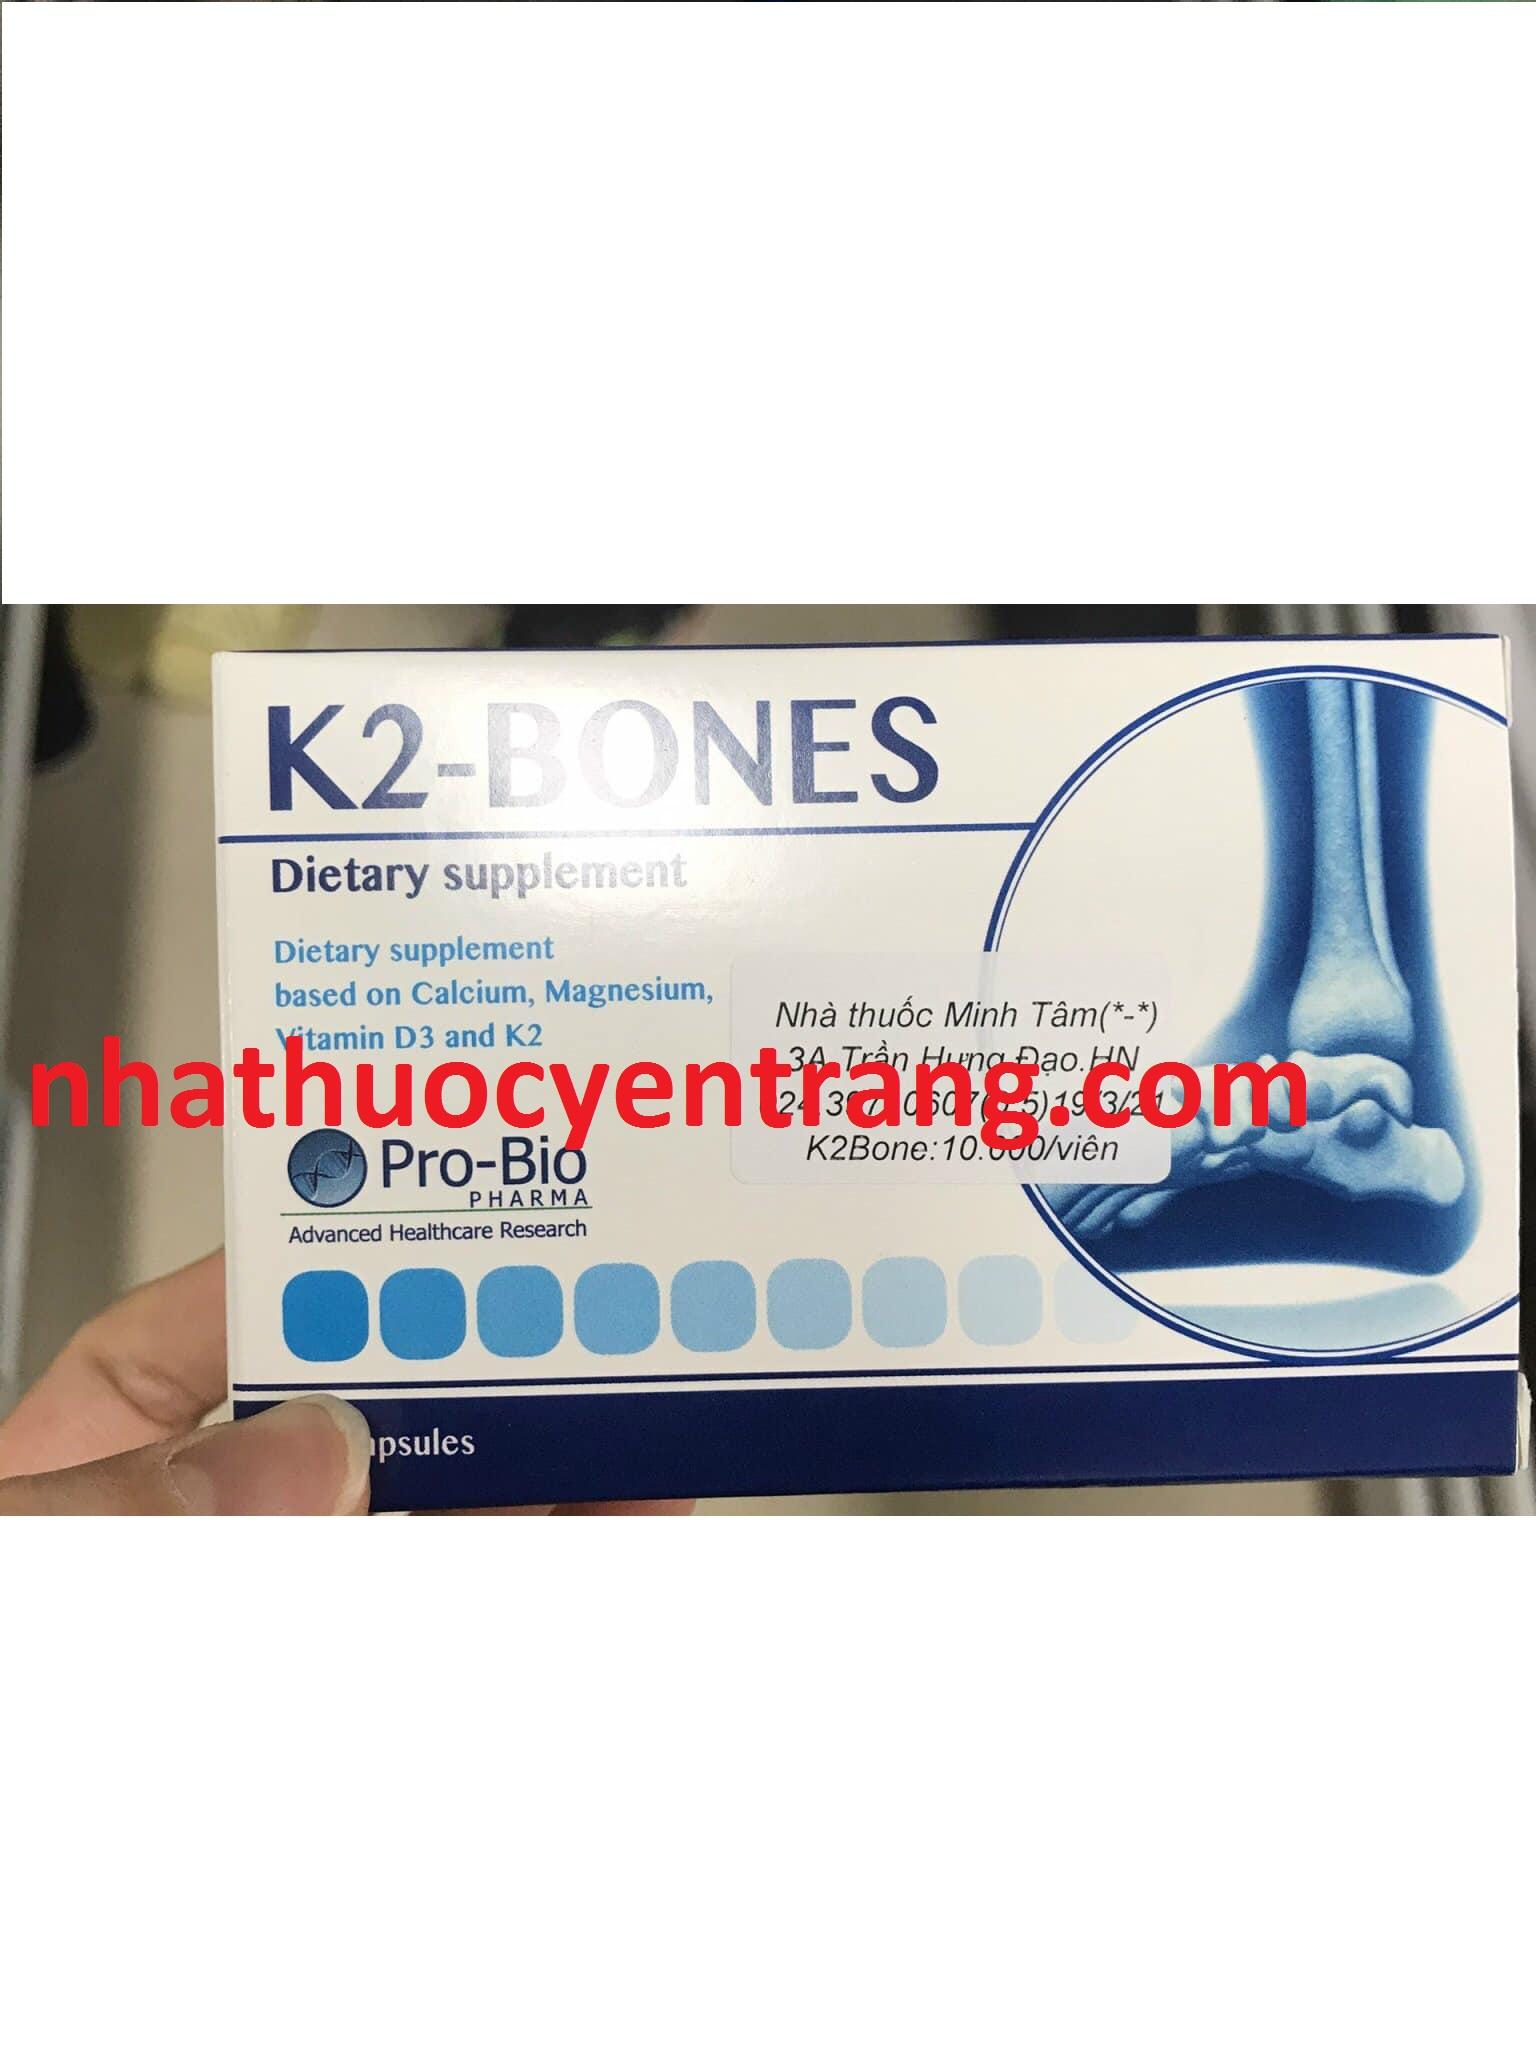 K2-Bones